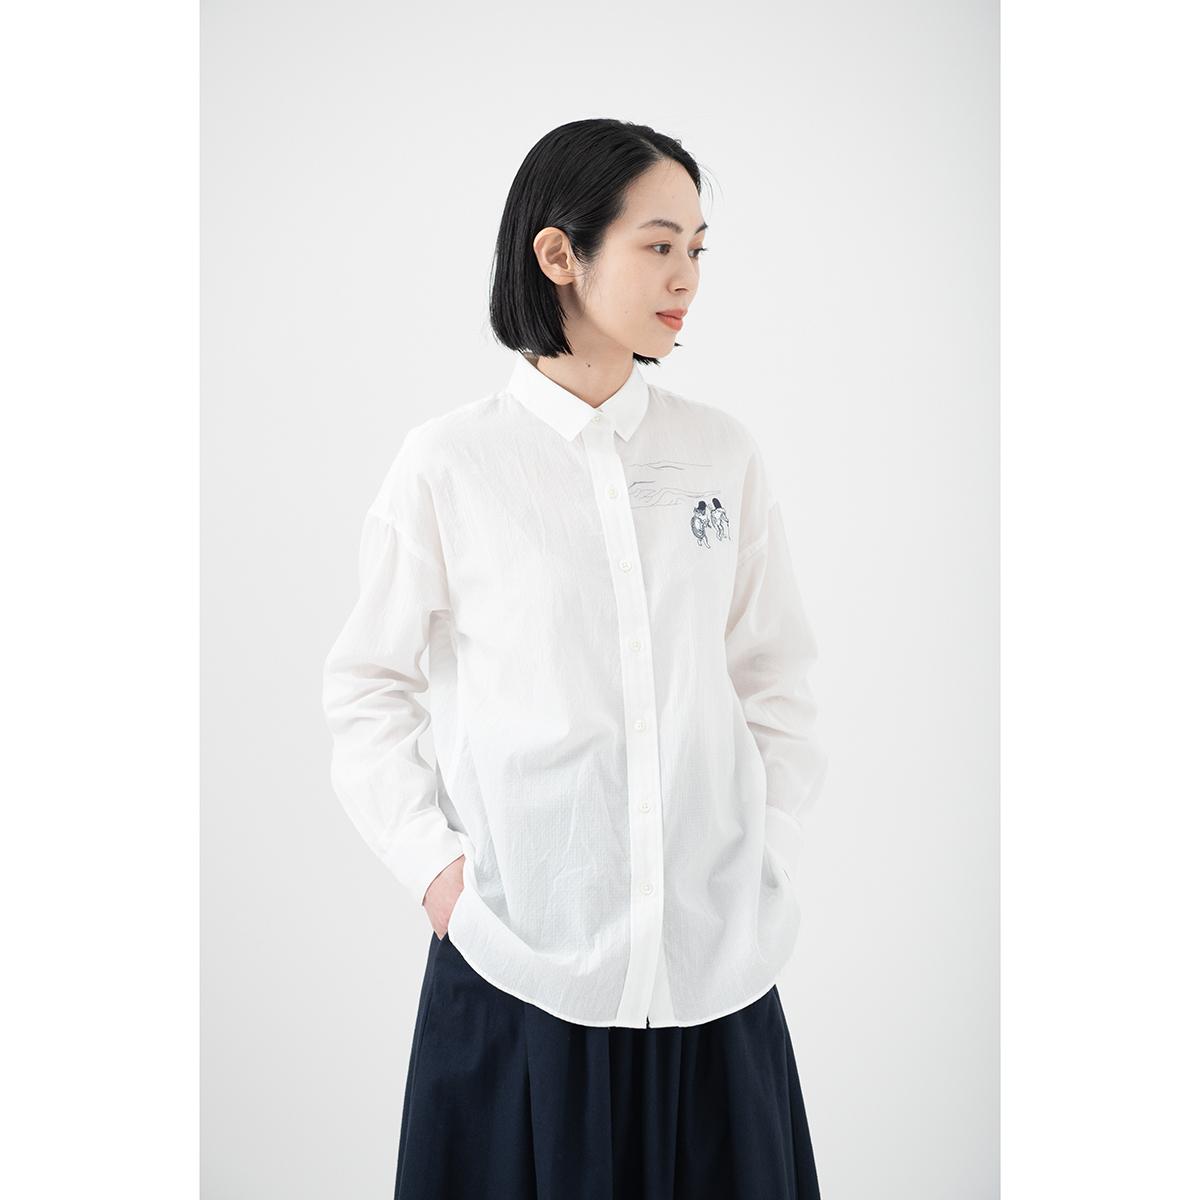 KY17-677A/ドビーシャツ[播州織]/蛙と猫